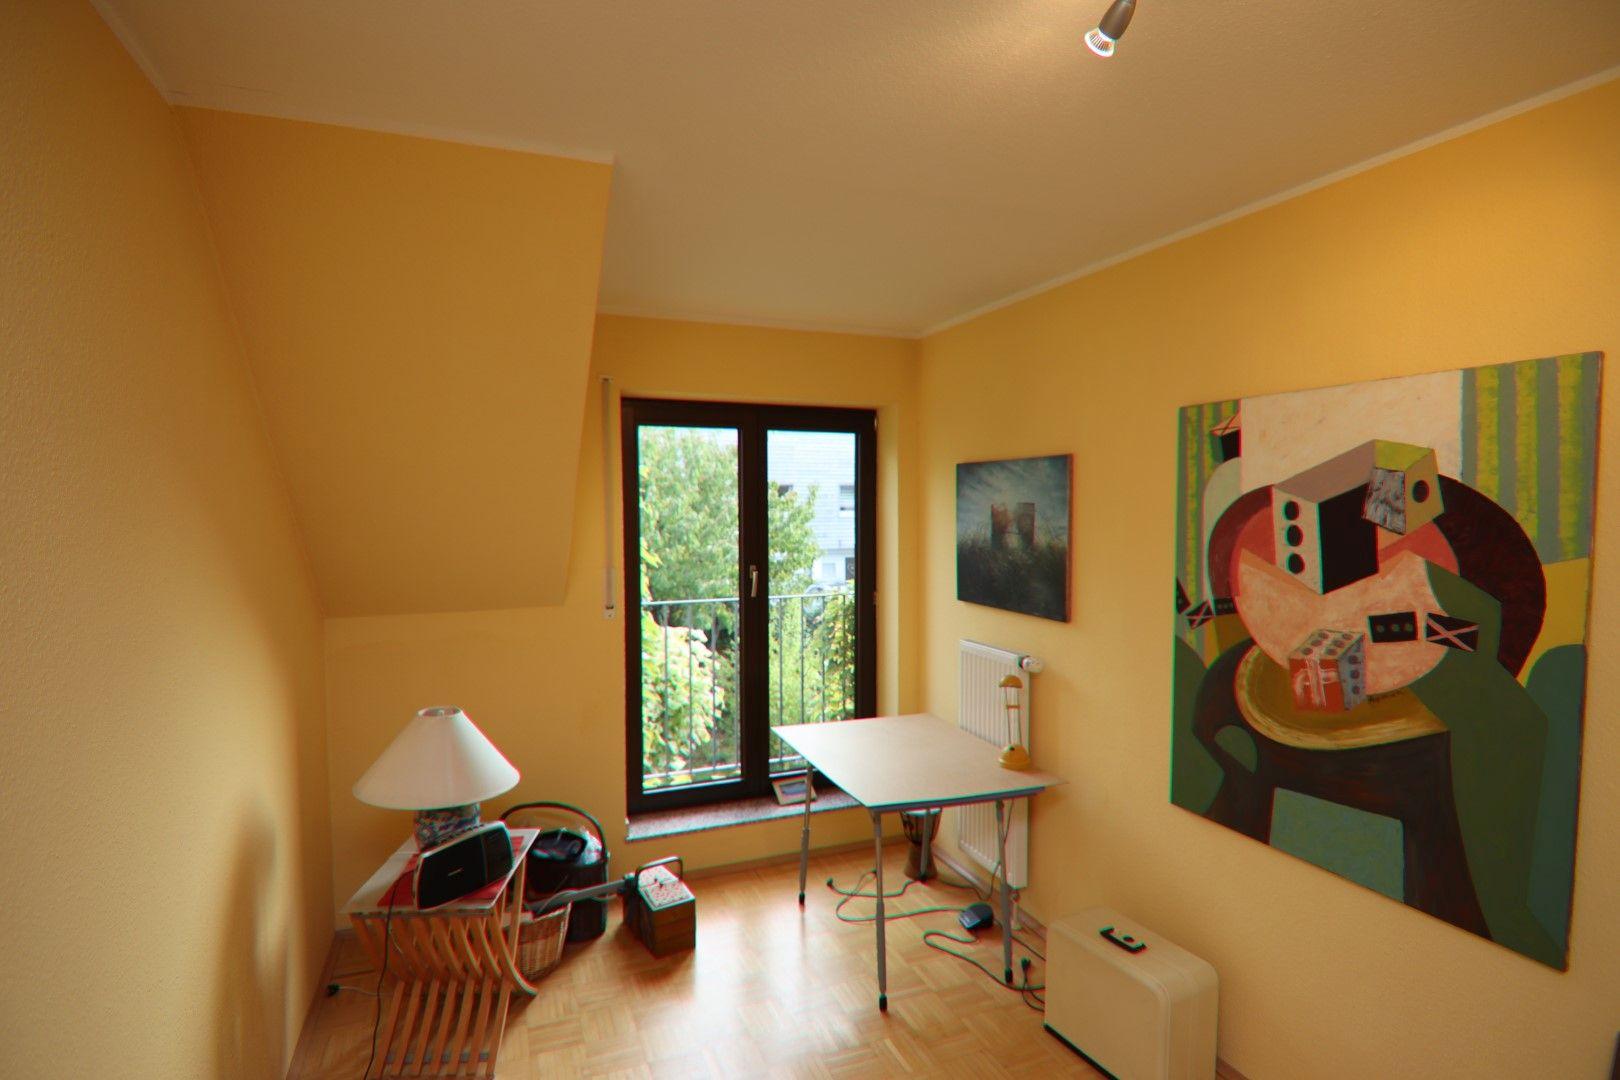 Immobilie Nr.0272 - Reiheneckhaus mit Garten, EBK u. Stellpl. - Bild 11.jpg